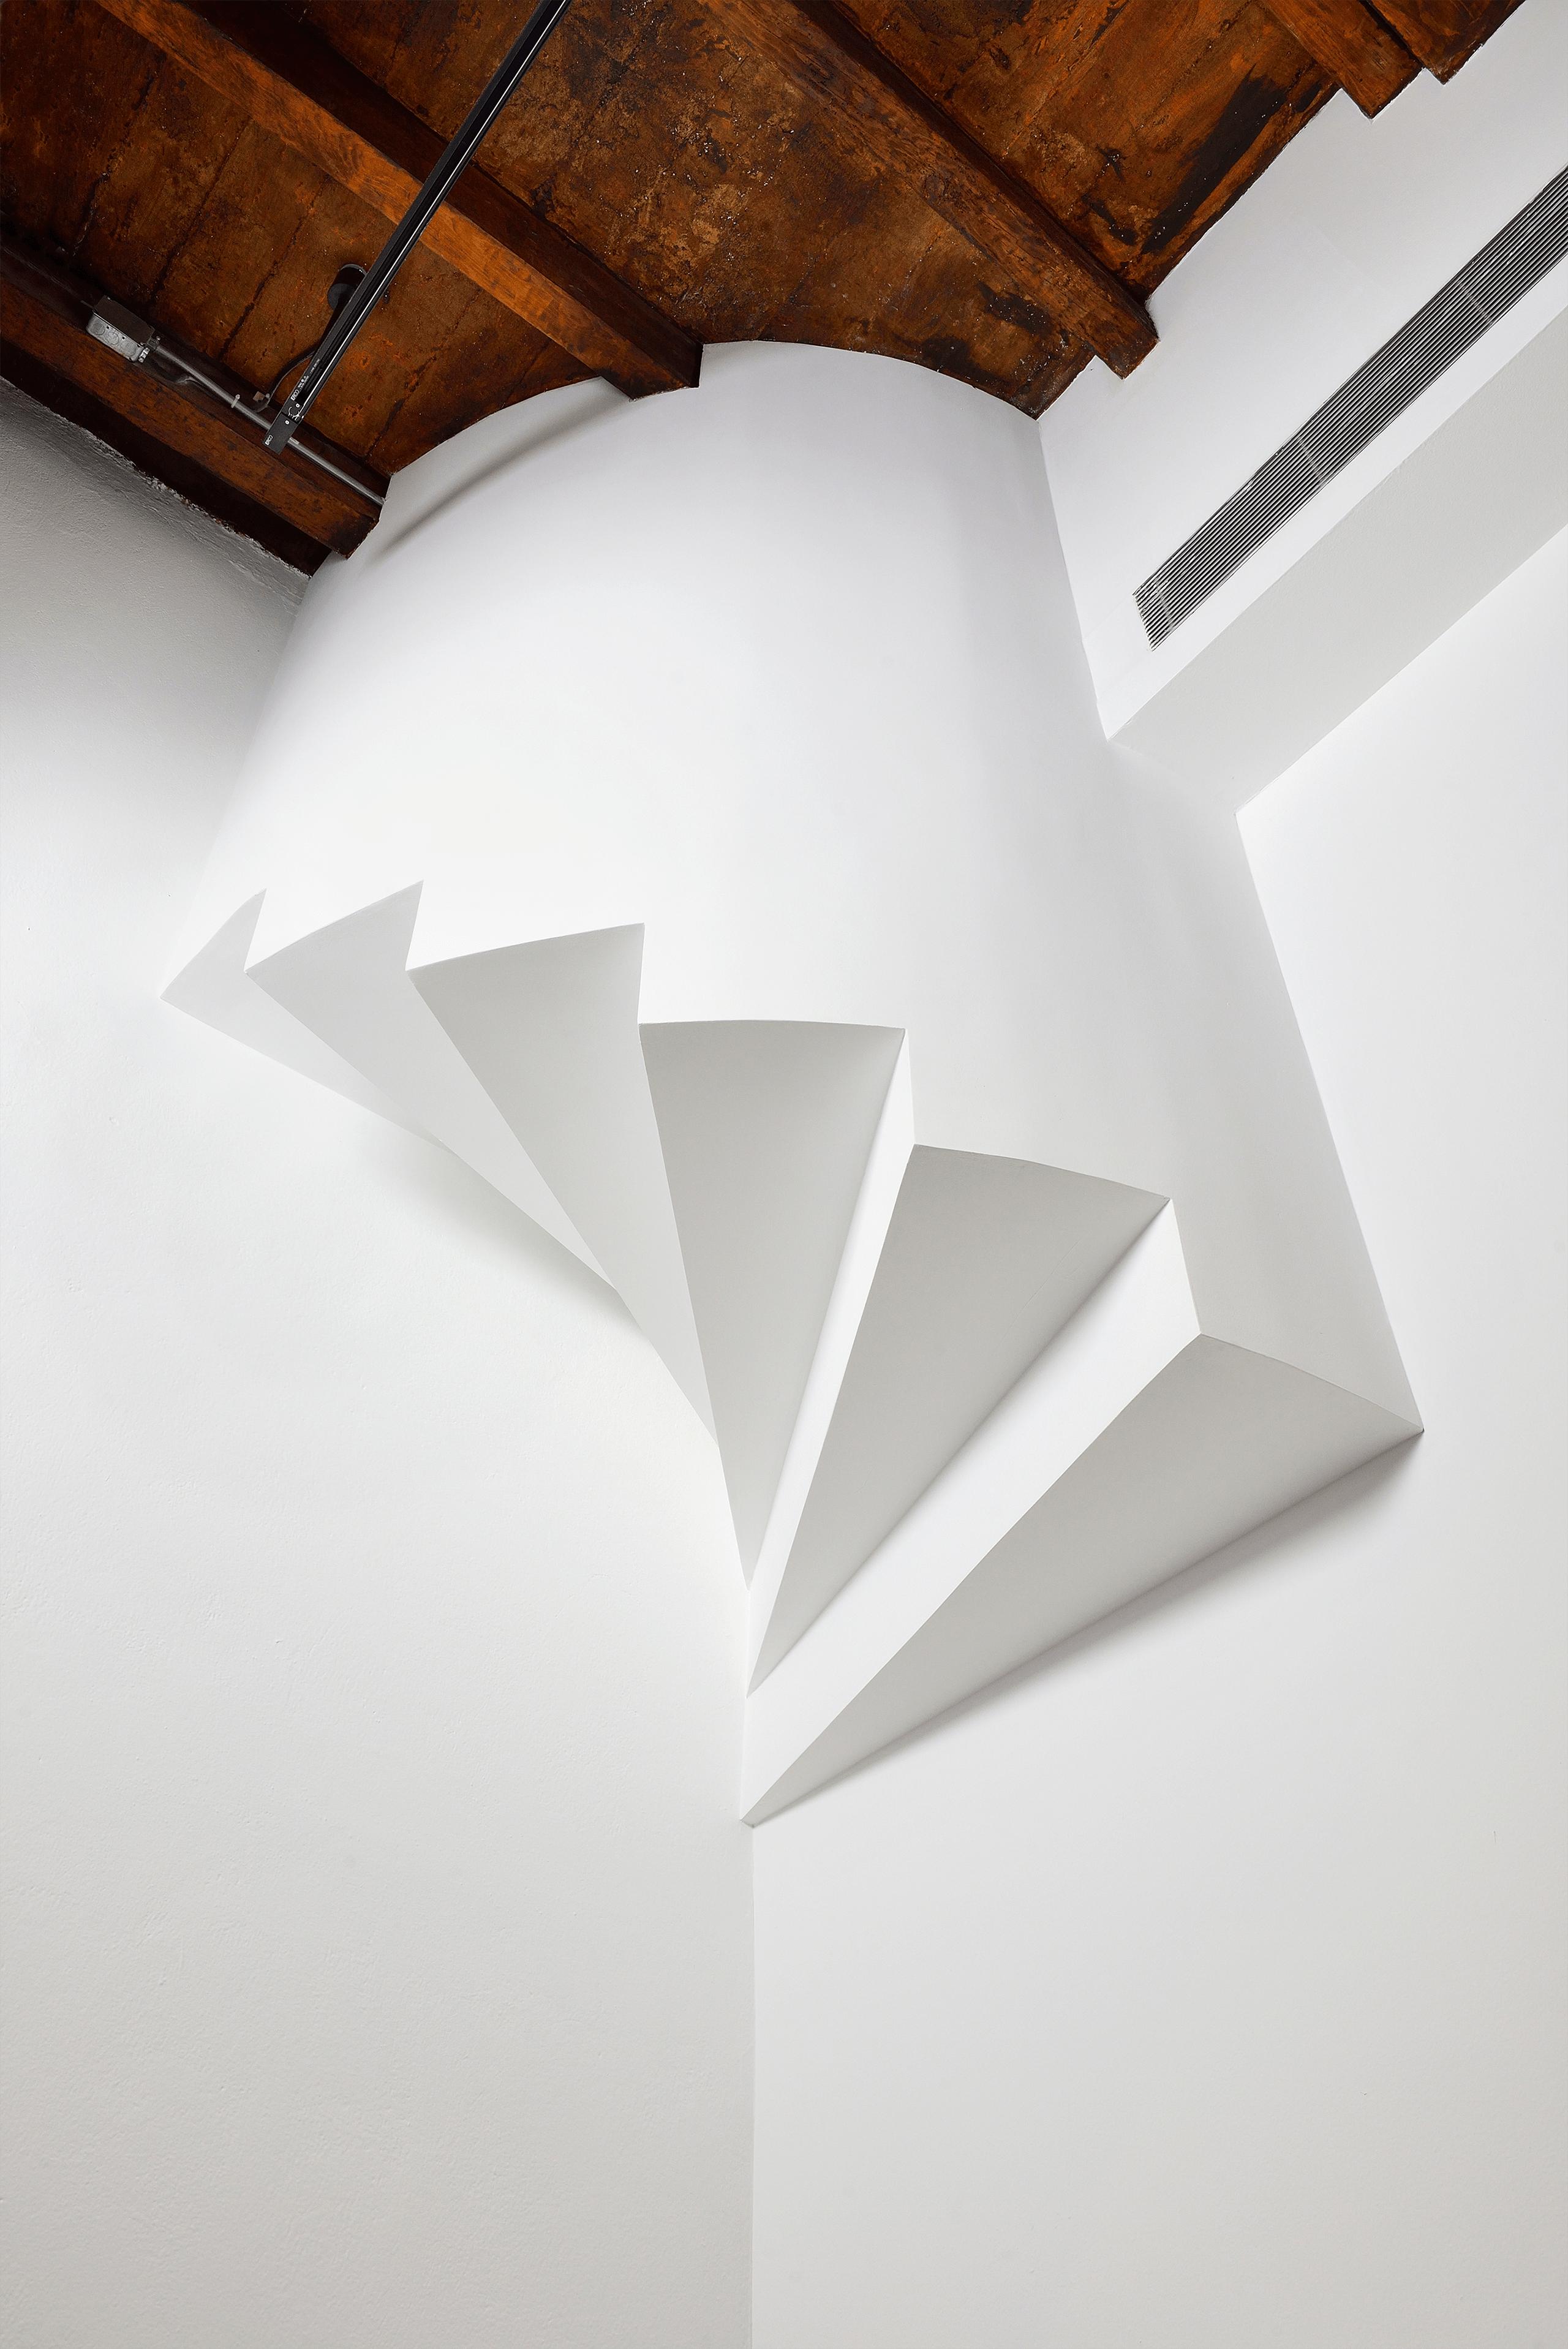 Escalera (Casas habitación)   Tercerunquinto. Obra inconclusa   Museo Amparo, Puebla